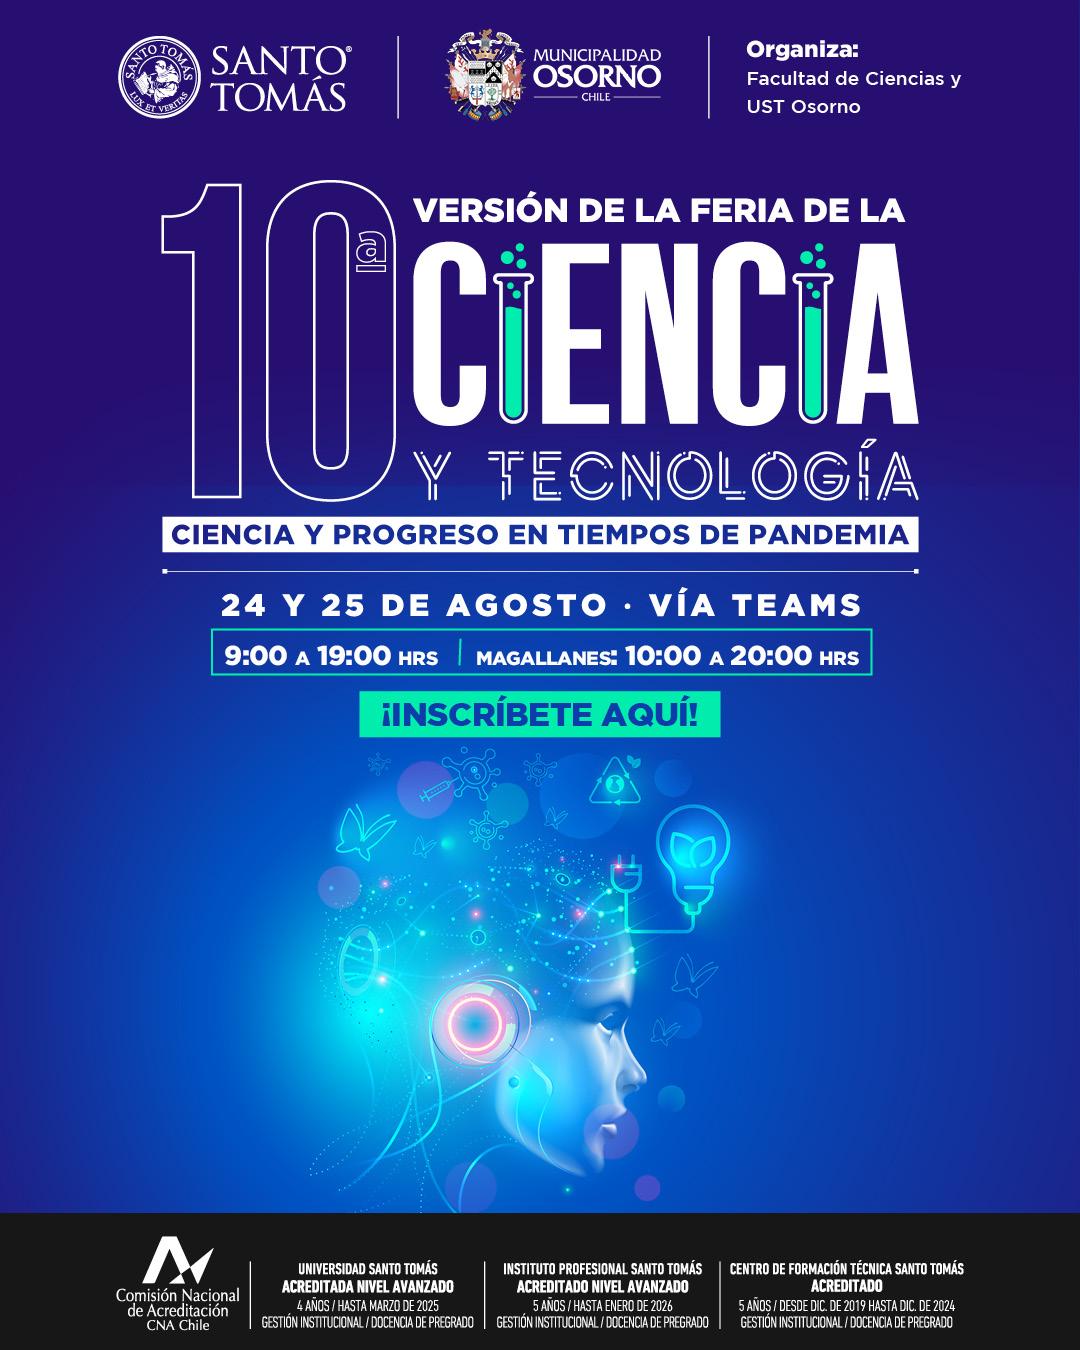 Feria de la Ciencia y Tecnología premiará a los mejores proyectos científicos escolares